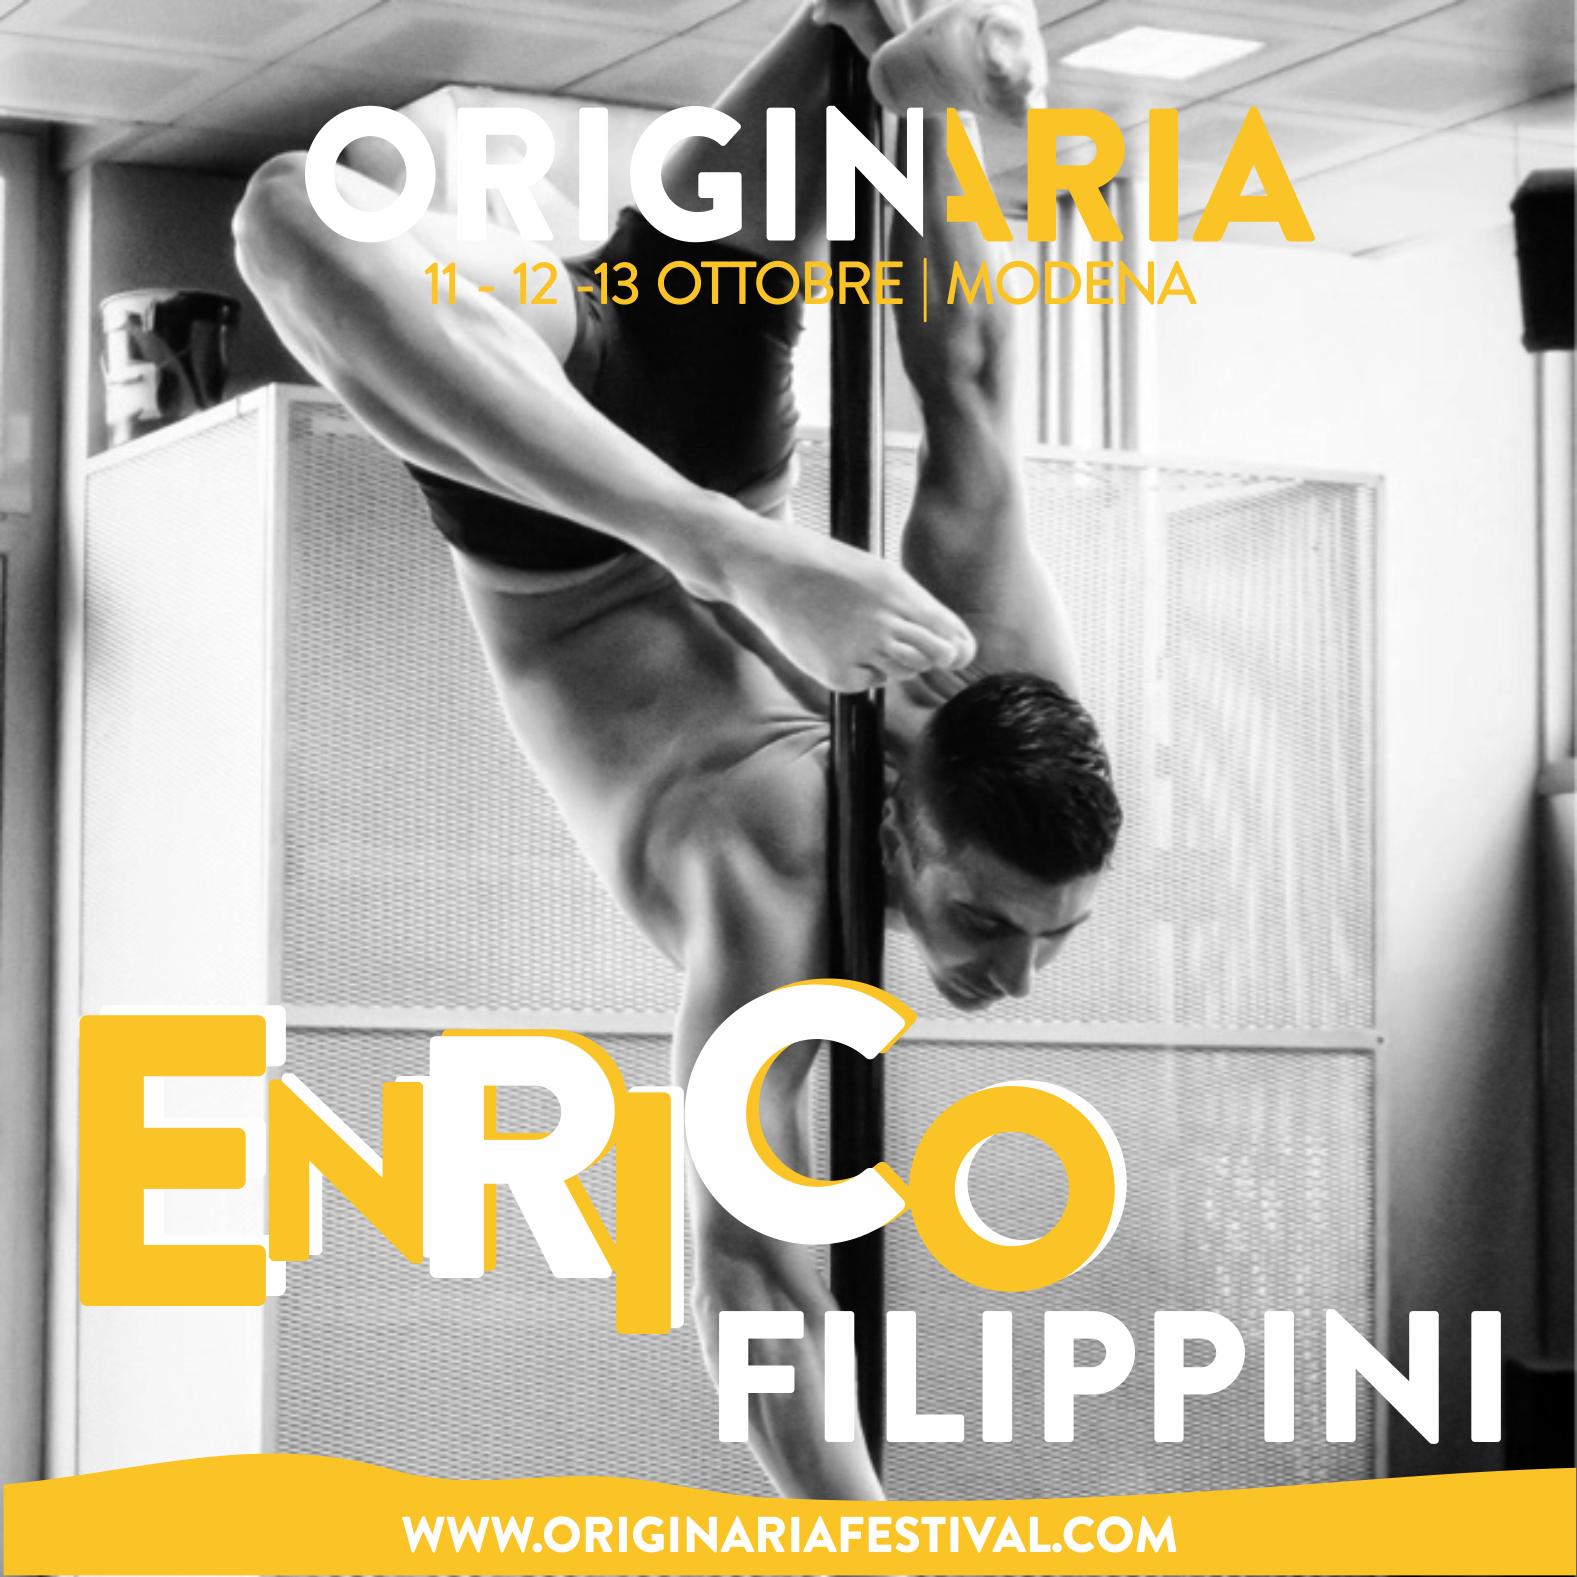 Enrico Filippini OriginAria Festival